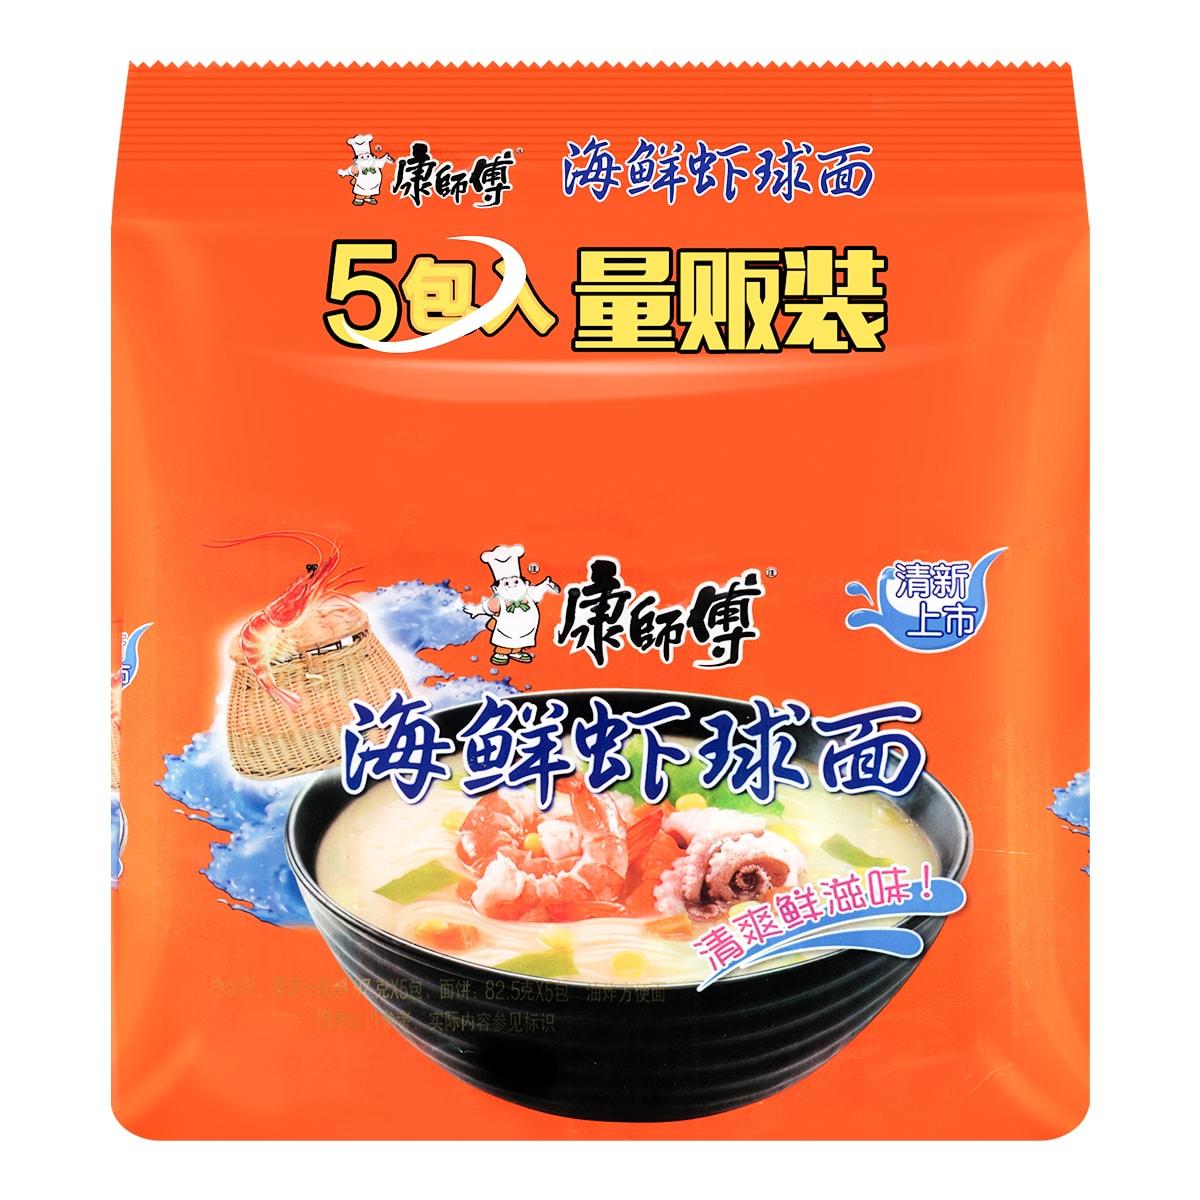 MasterKong Seafood Shrimp Noodle  485g